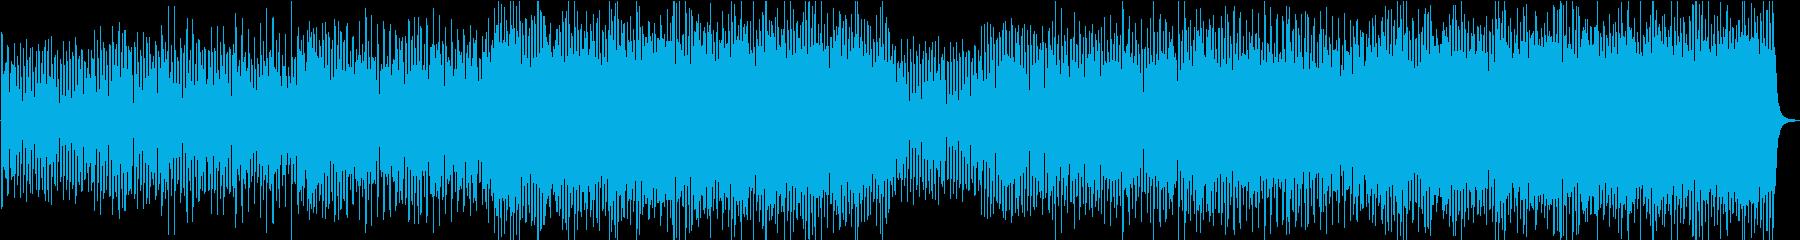 雨音はショパンの調べのようなオリジナル曲の再生済みの波形